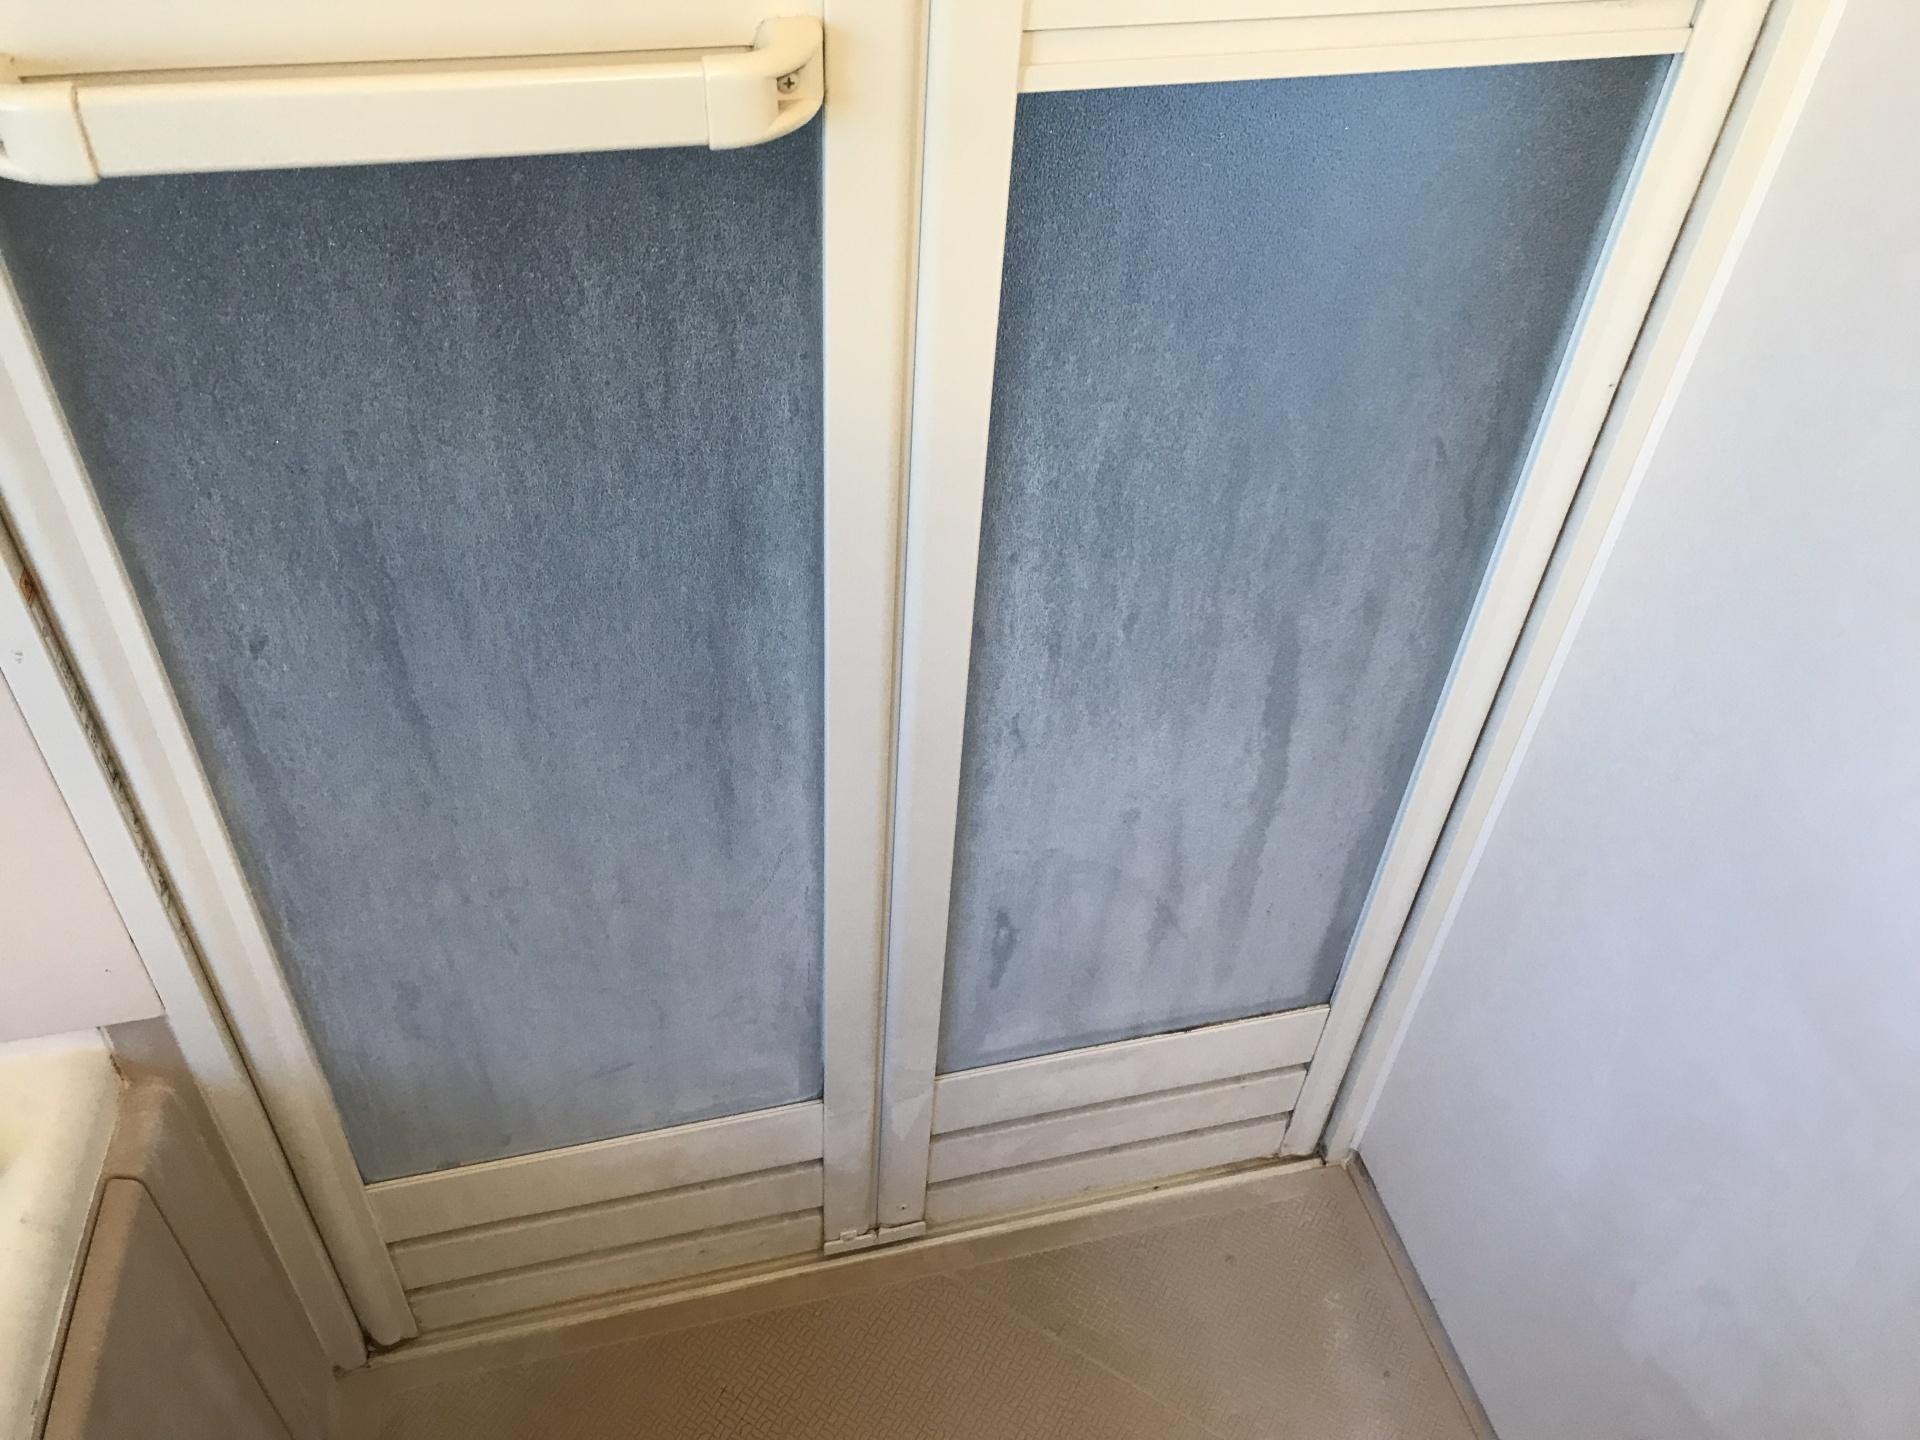 浴室の扉のビフォーです。水垢やら皮脂汚れやら